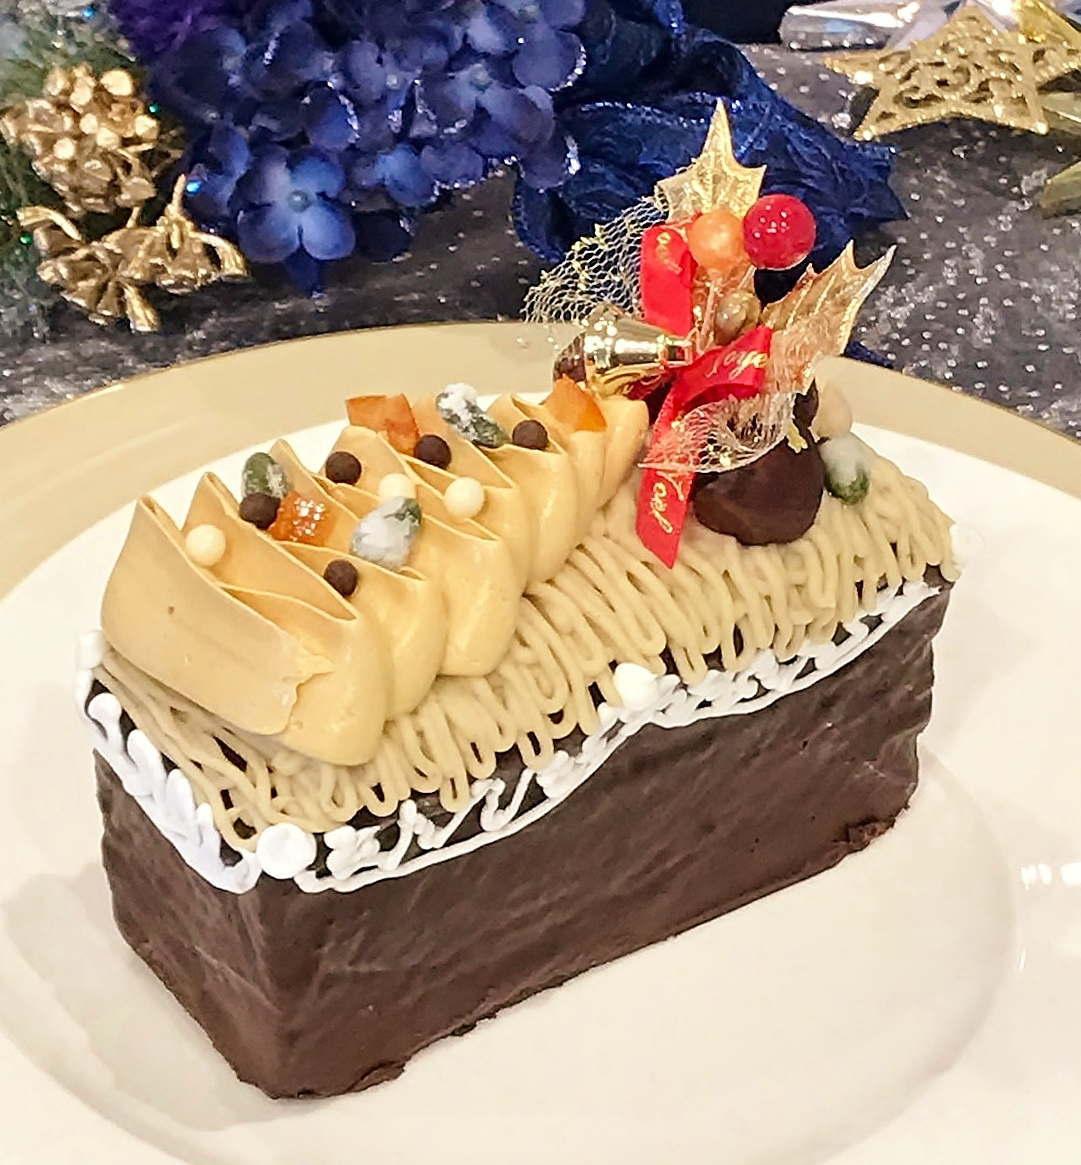 「Christmas Chocolate Marron 2018 (クリスマス ショコラ マロン 2018)」